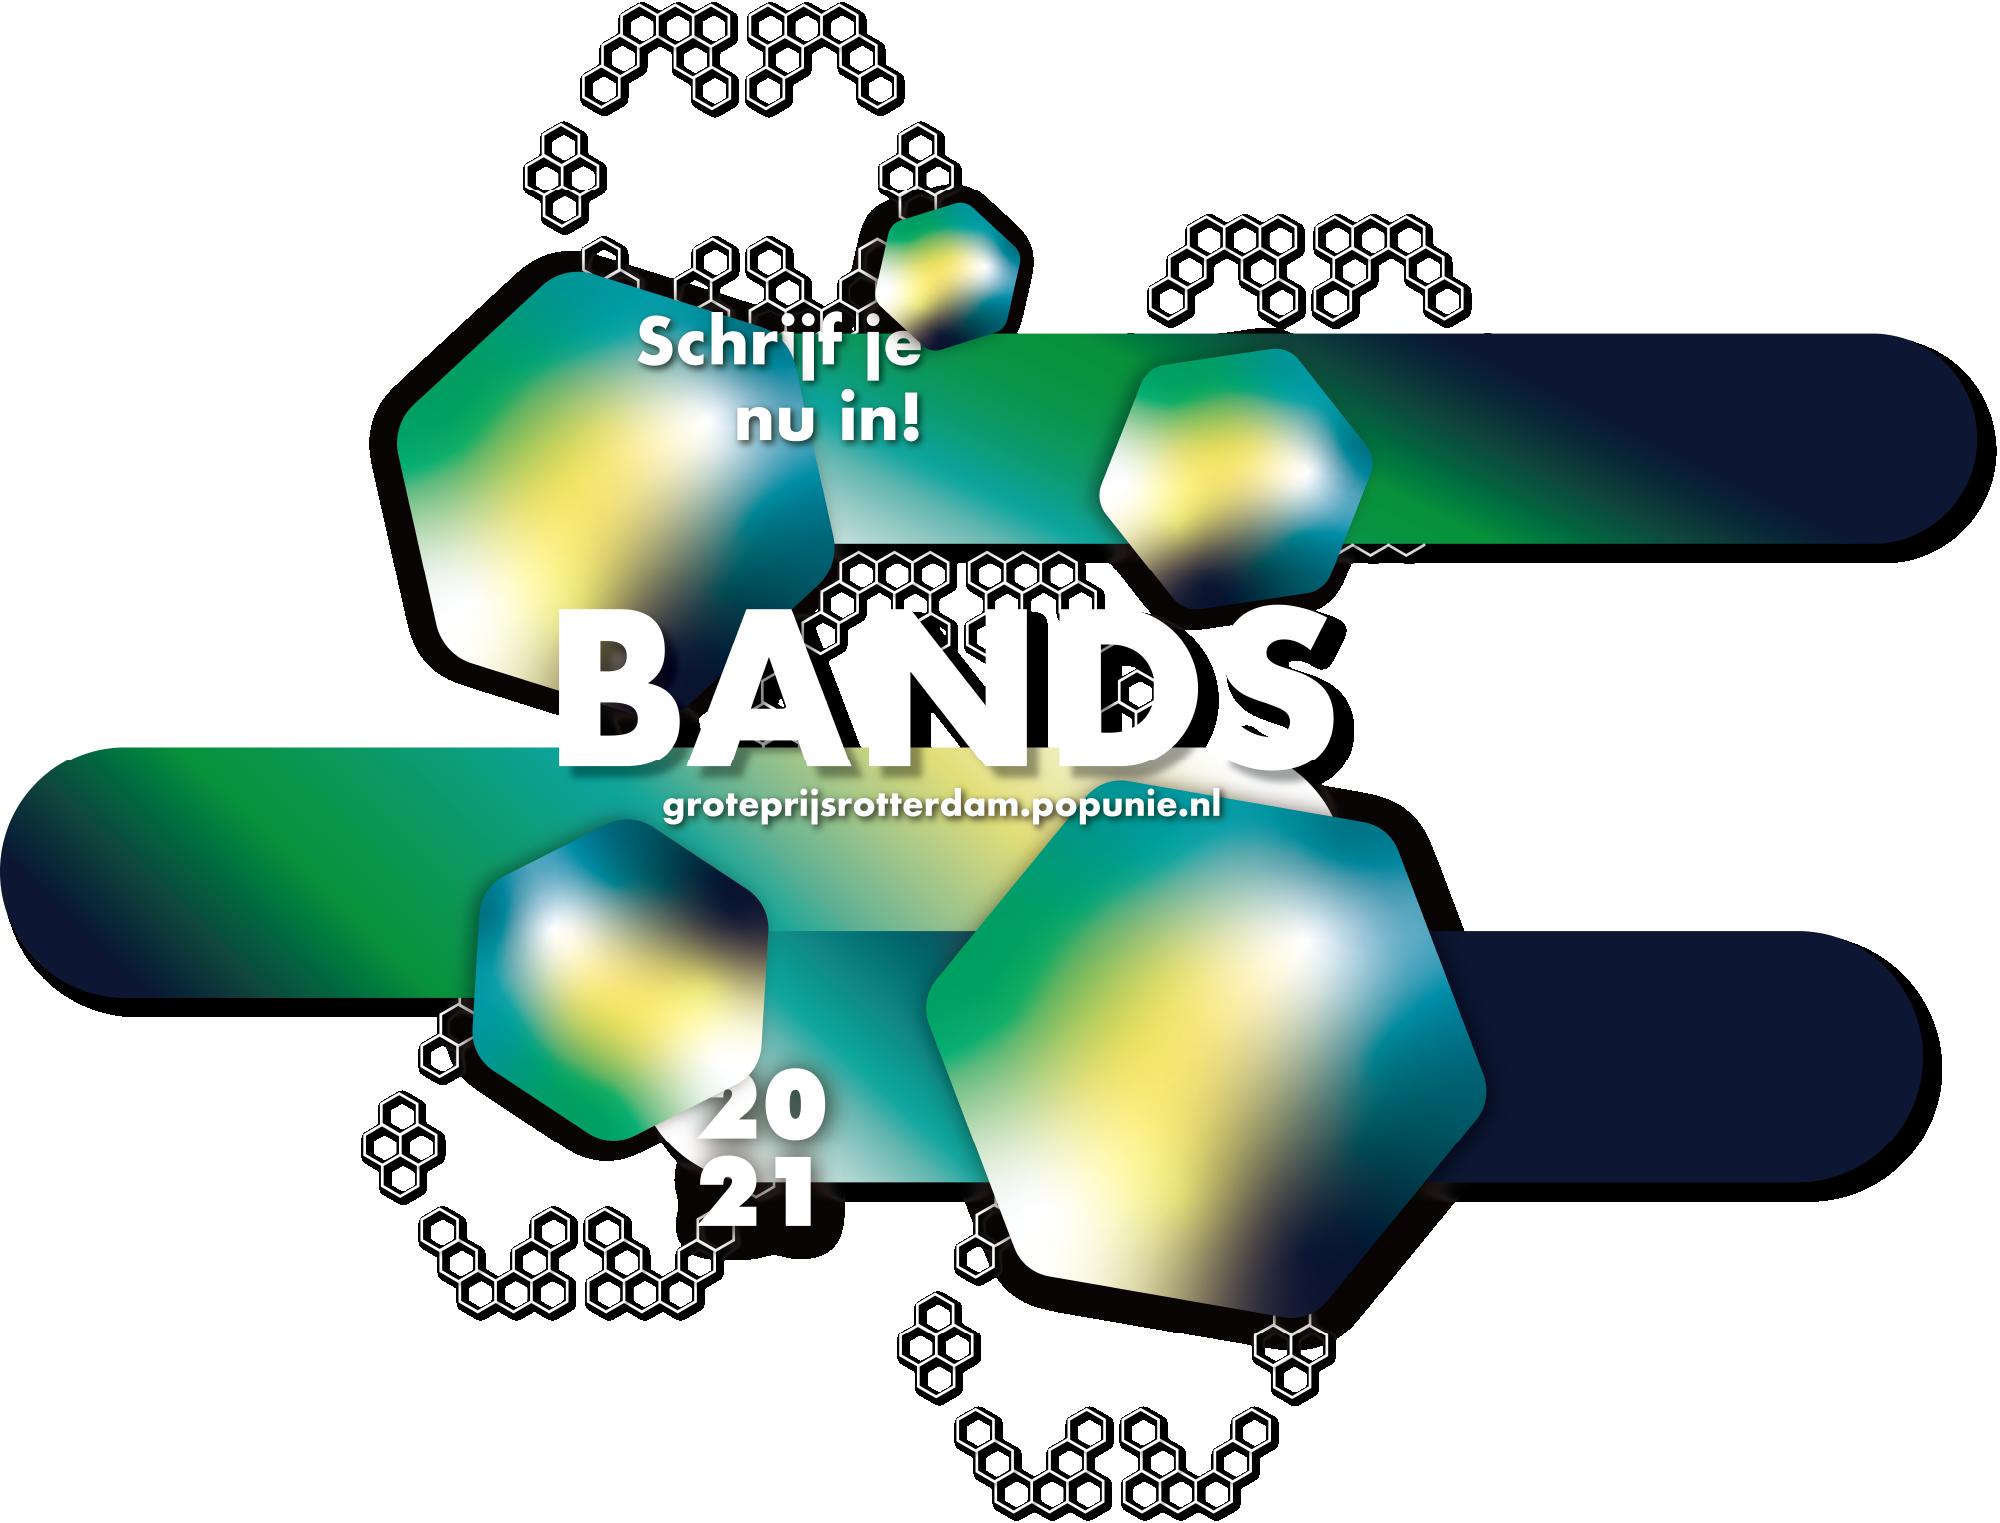 Logo van Sena Grote Prijs van Rotterdam, categorie Bands